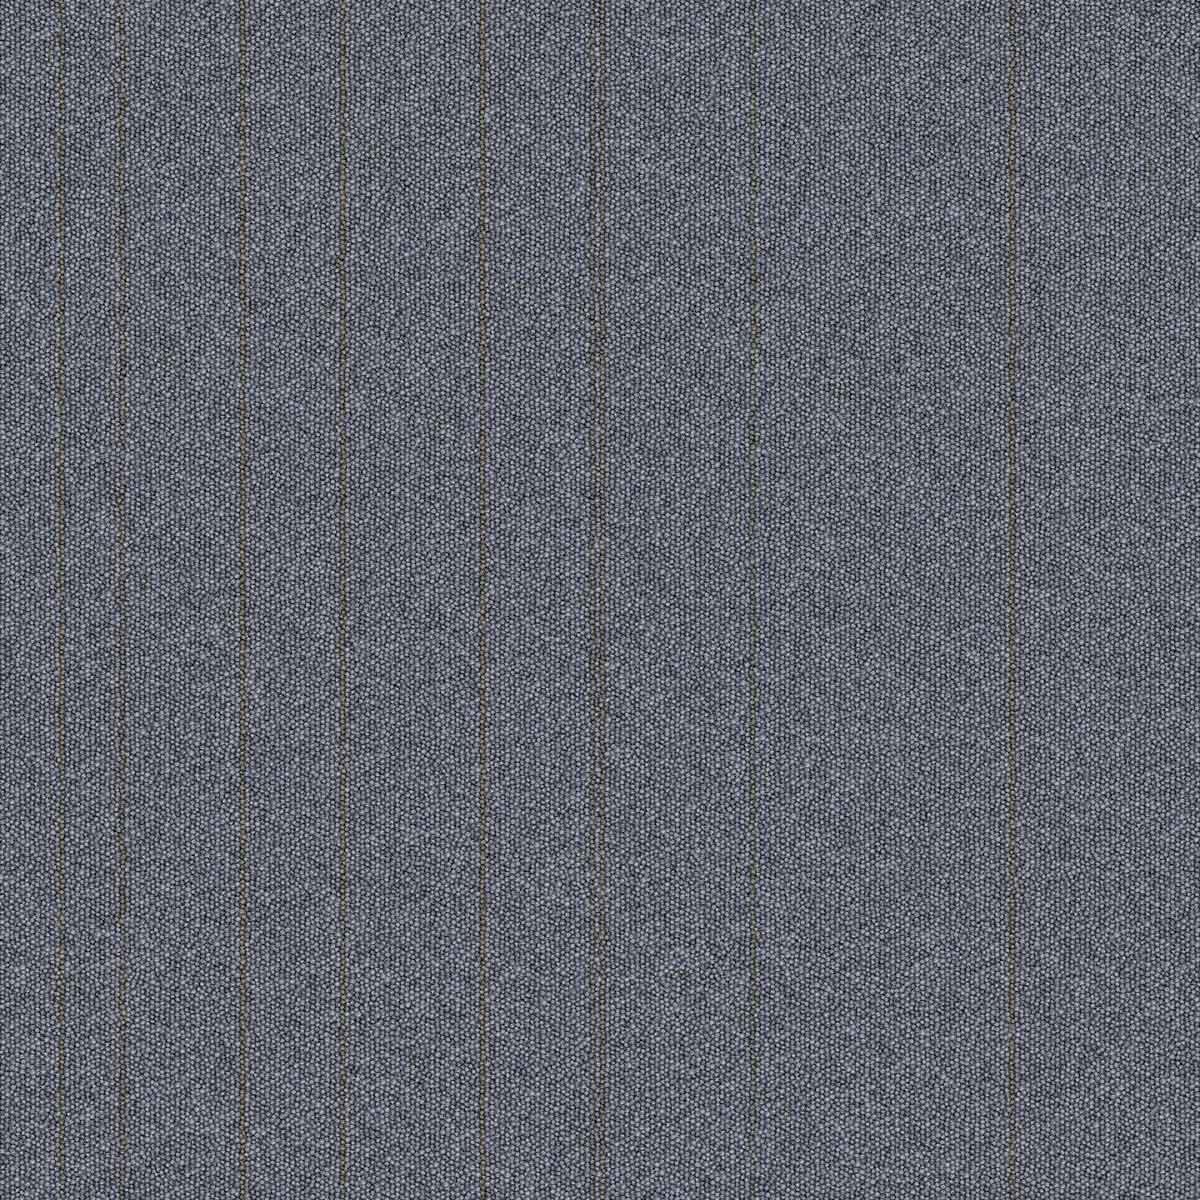 """Mohawk Group Mindful Stripe Carpet Tile Cobalt 24"""" x 24"""""""